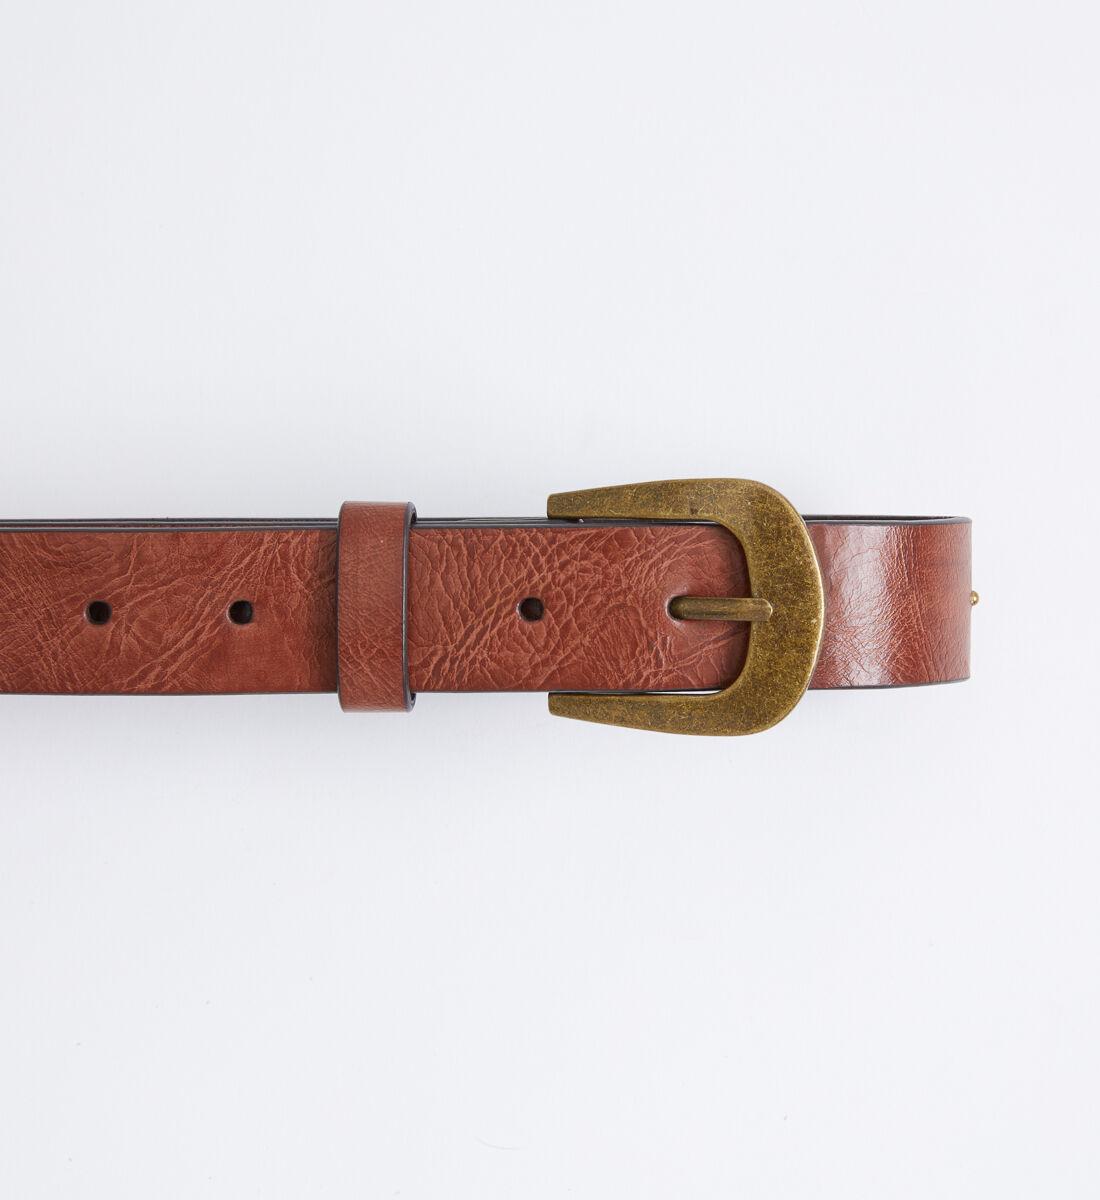 Turquoise Embellished Womens Belt Alt Image 1